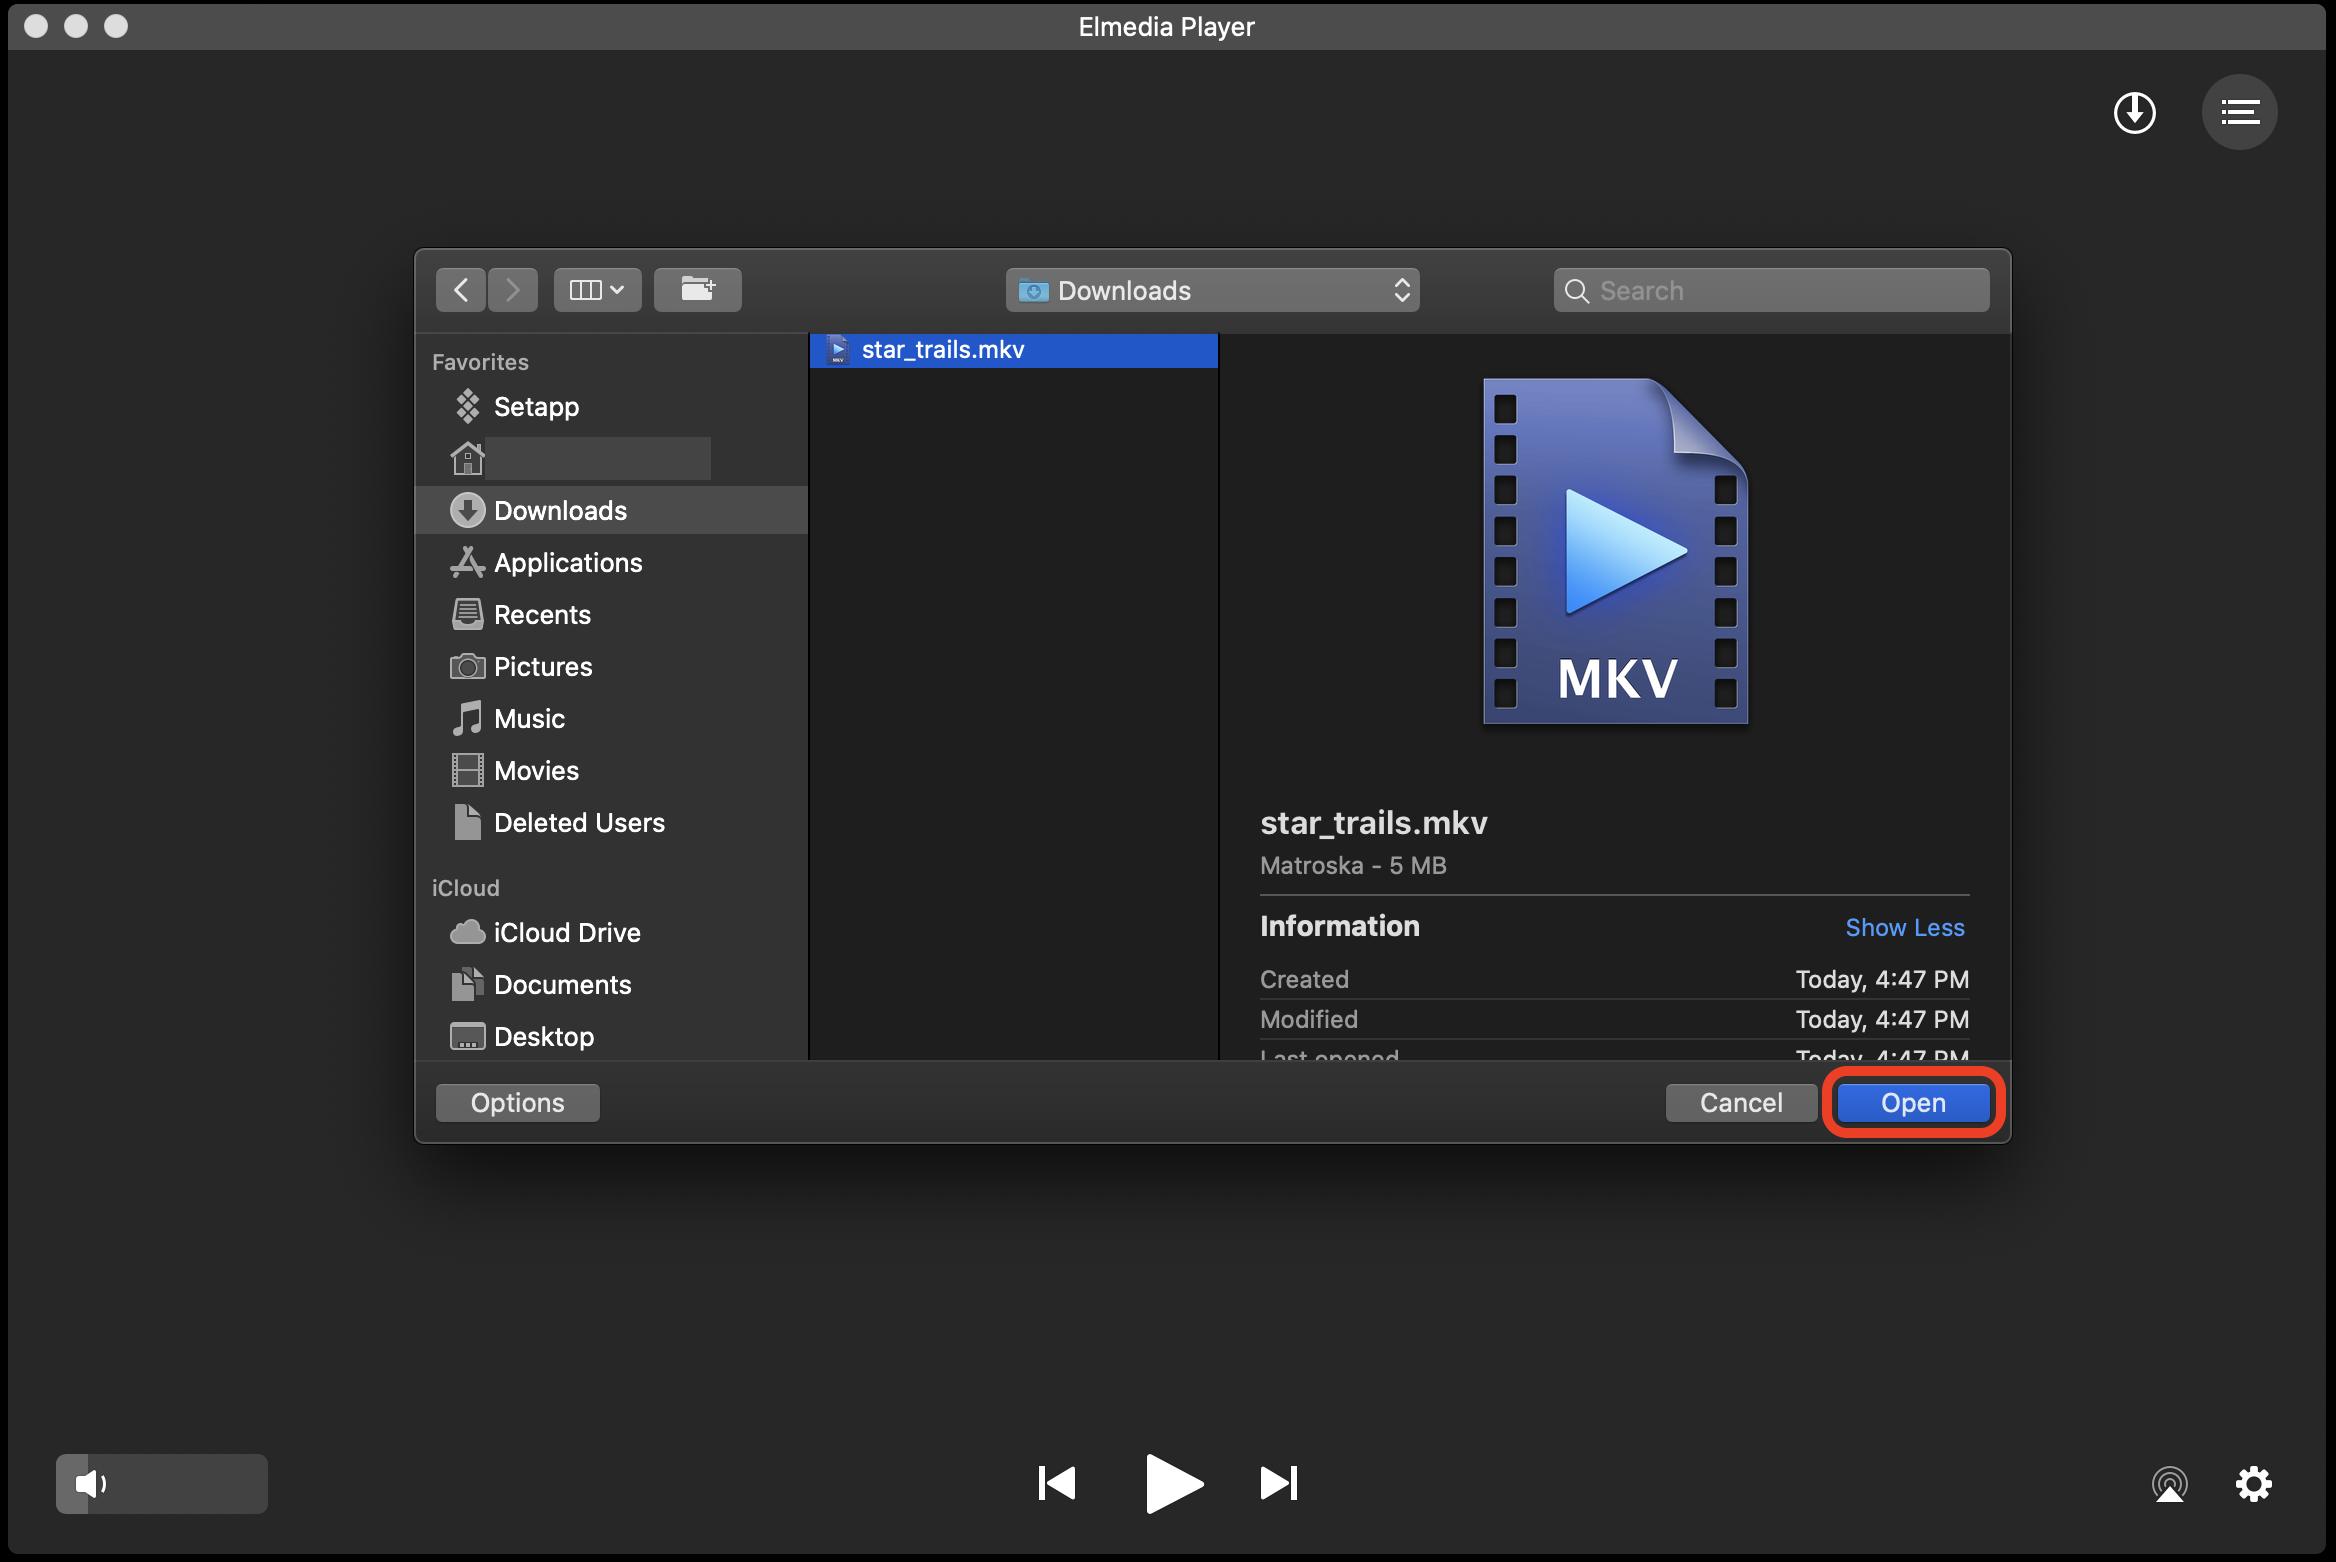 MKV-Dateien mit Elmedia Player öffnen